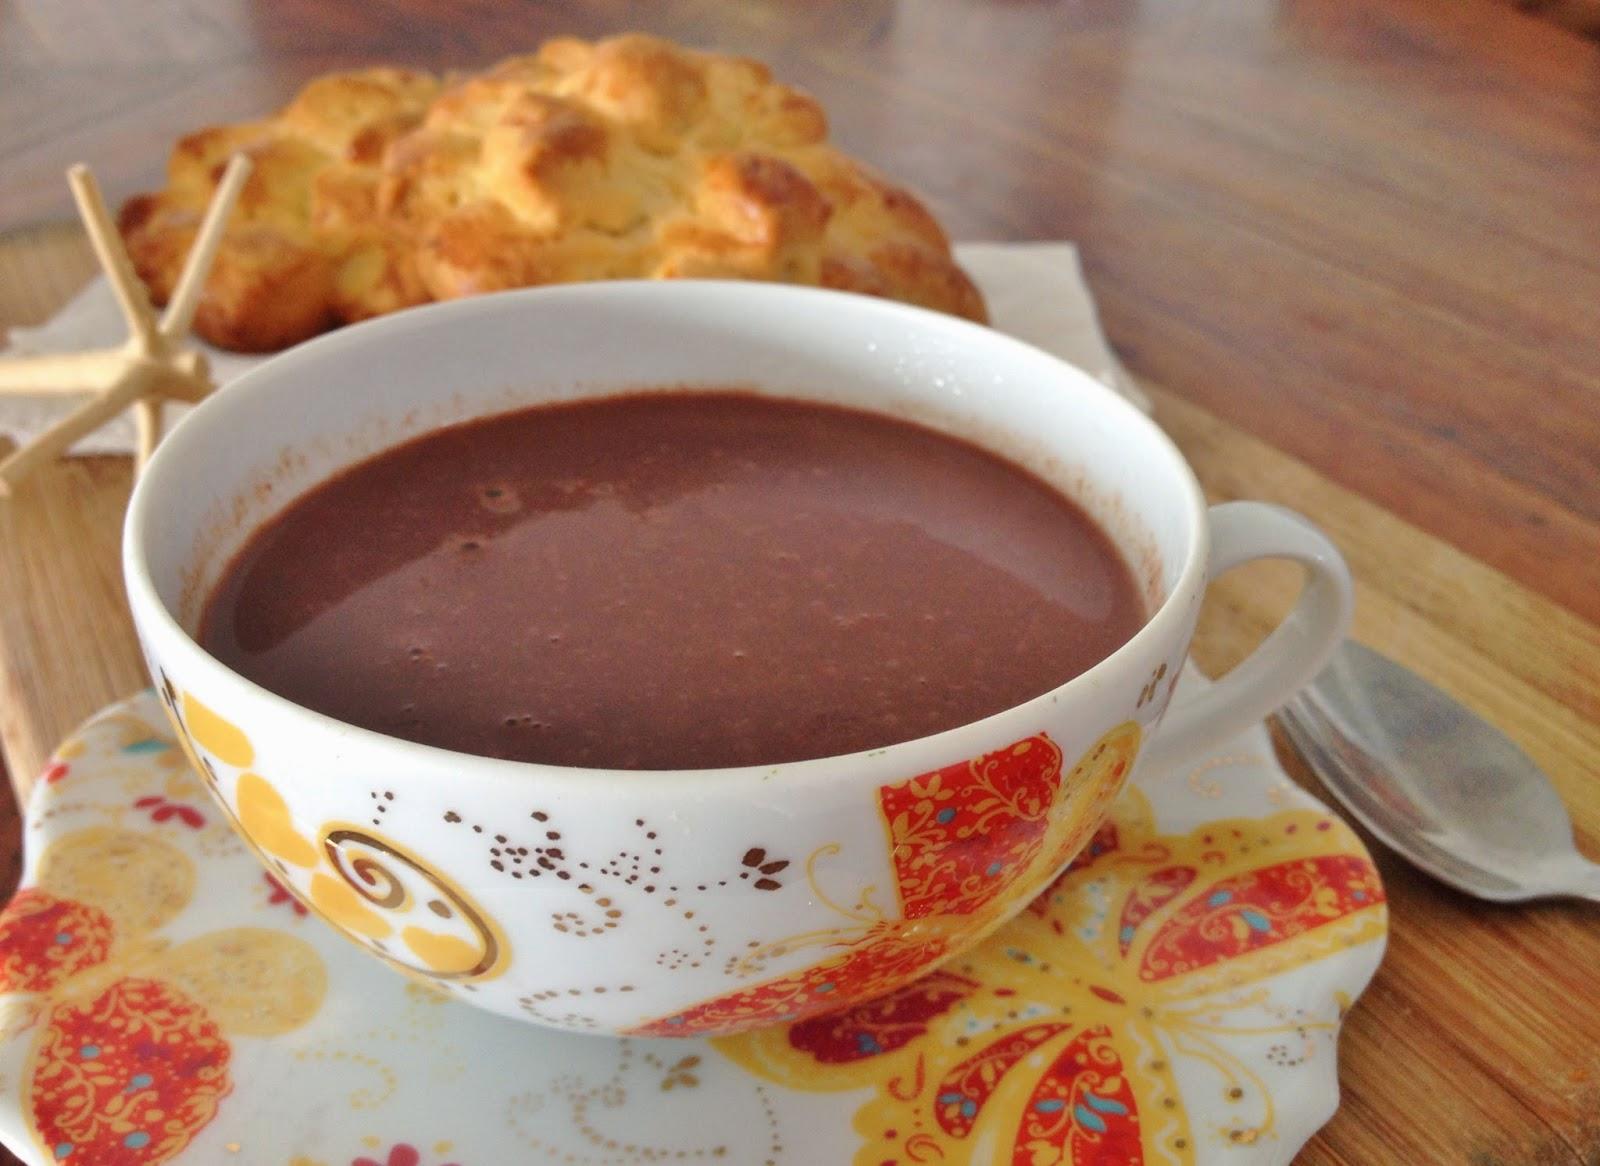 Recette chocolat martiniquais - Cuisine martiniquaise facile ...